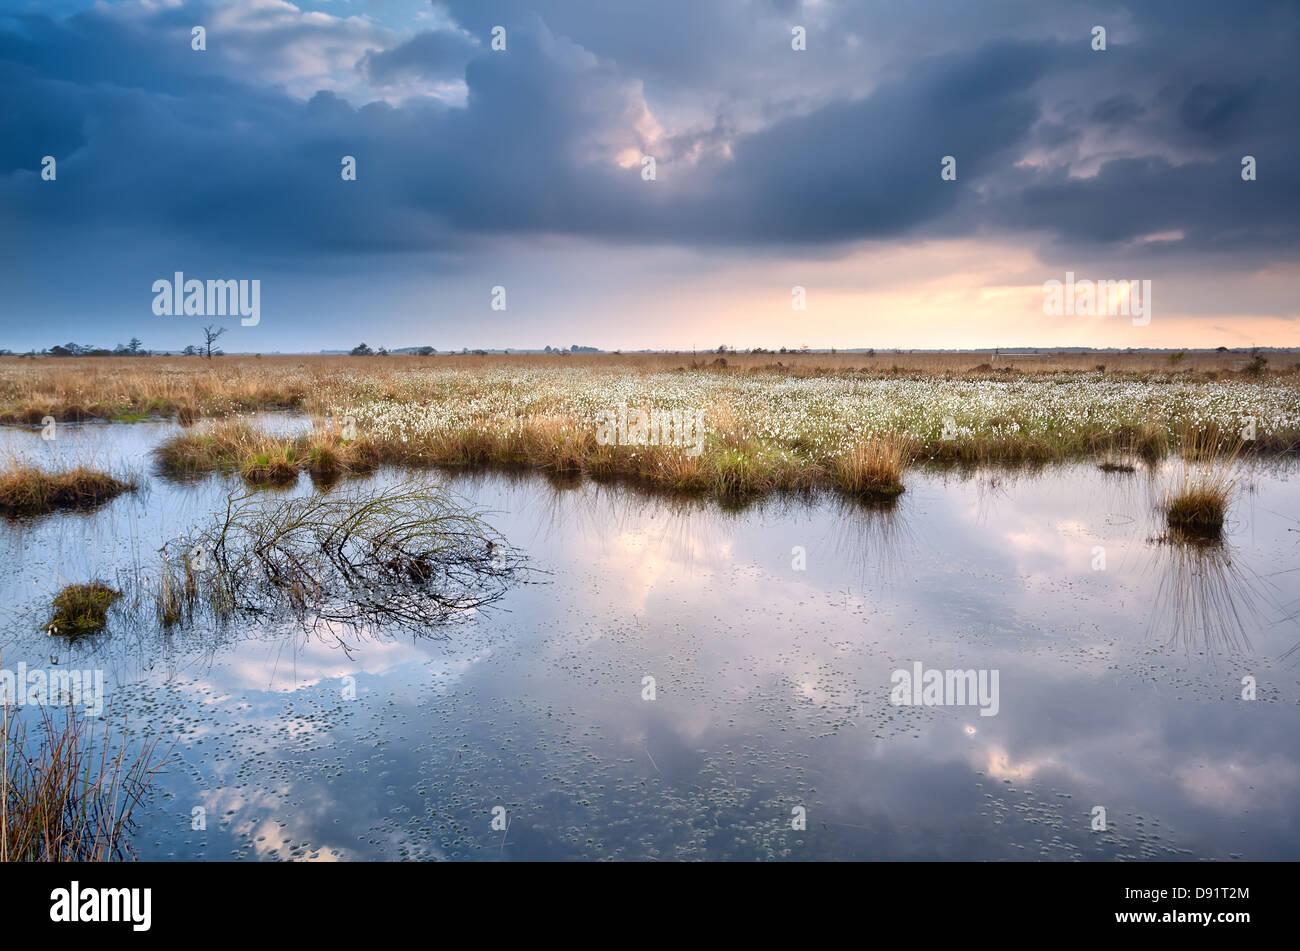 Sumpf mit Cottograss mit reflektierte Himmel vor Sonnenuntergang Stockbild